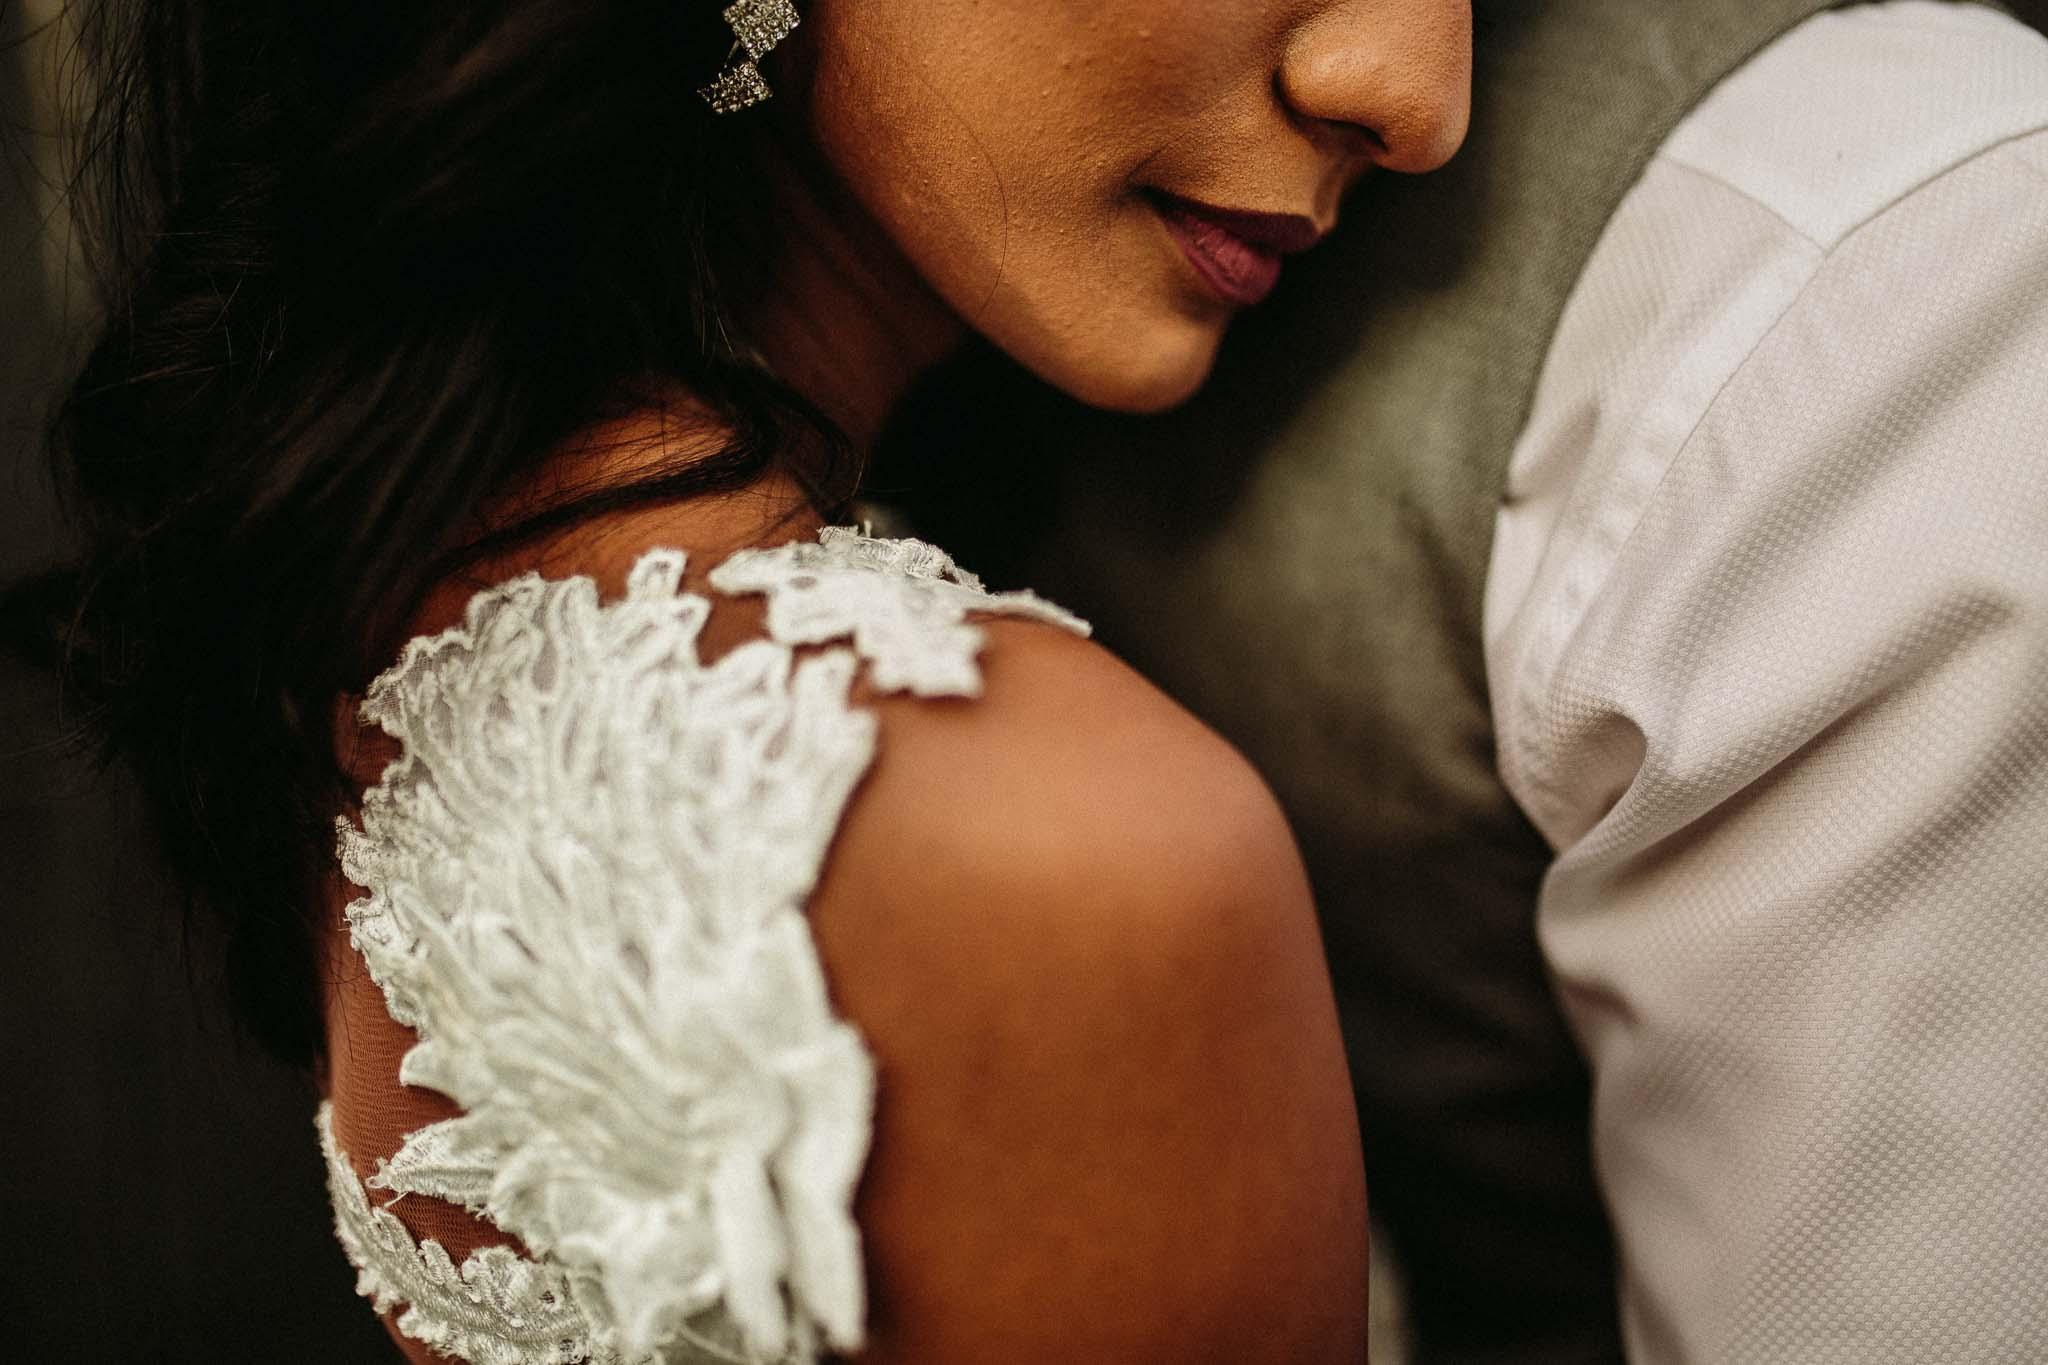 u&m-weddingsbyqay-lovesession-destinationweddingphotographer (118 of 160).jpg